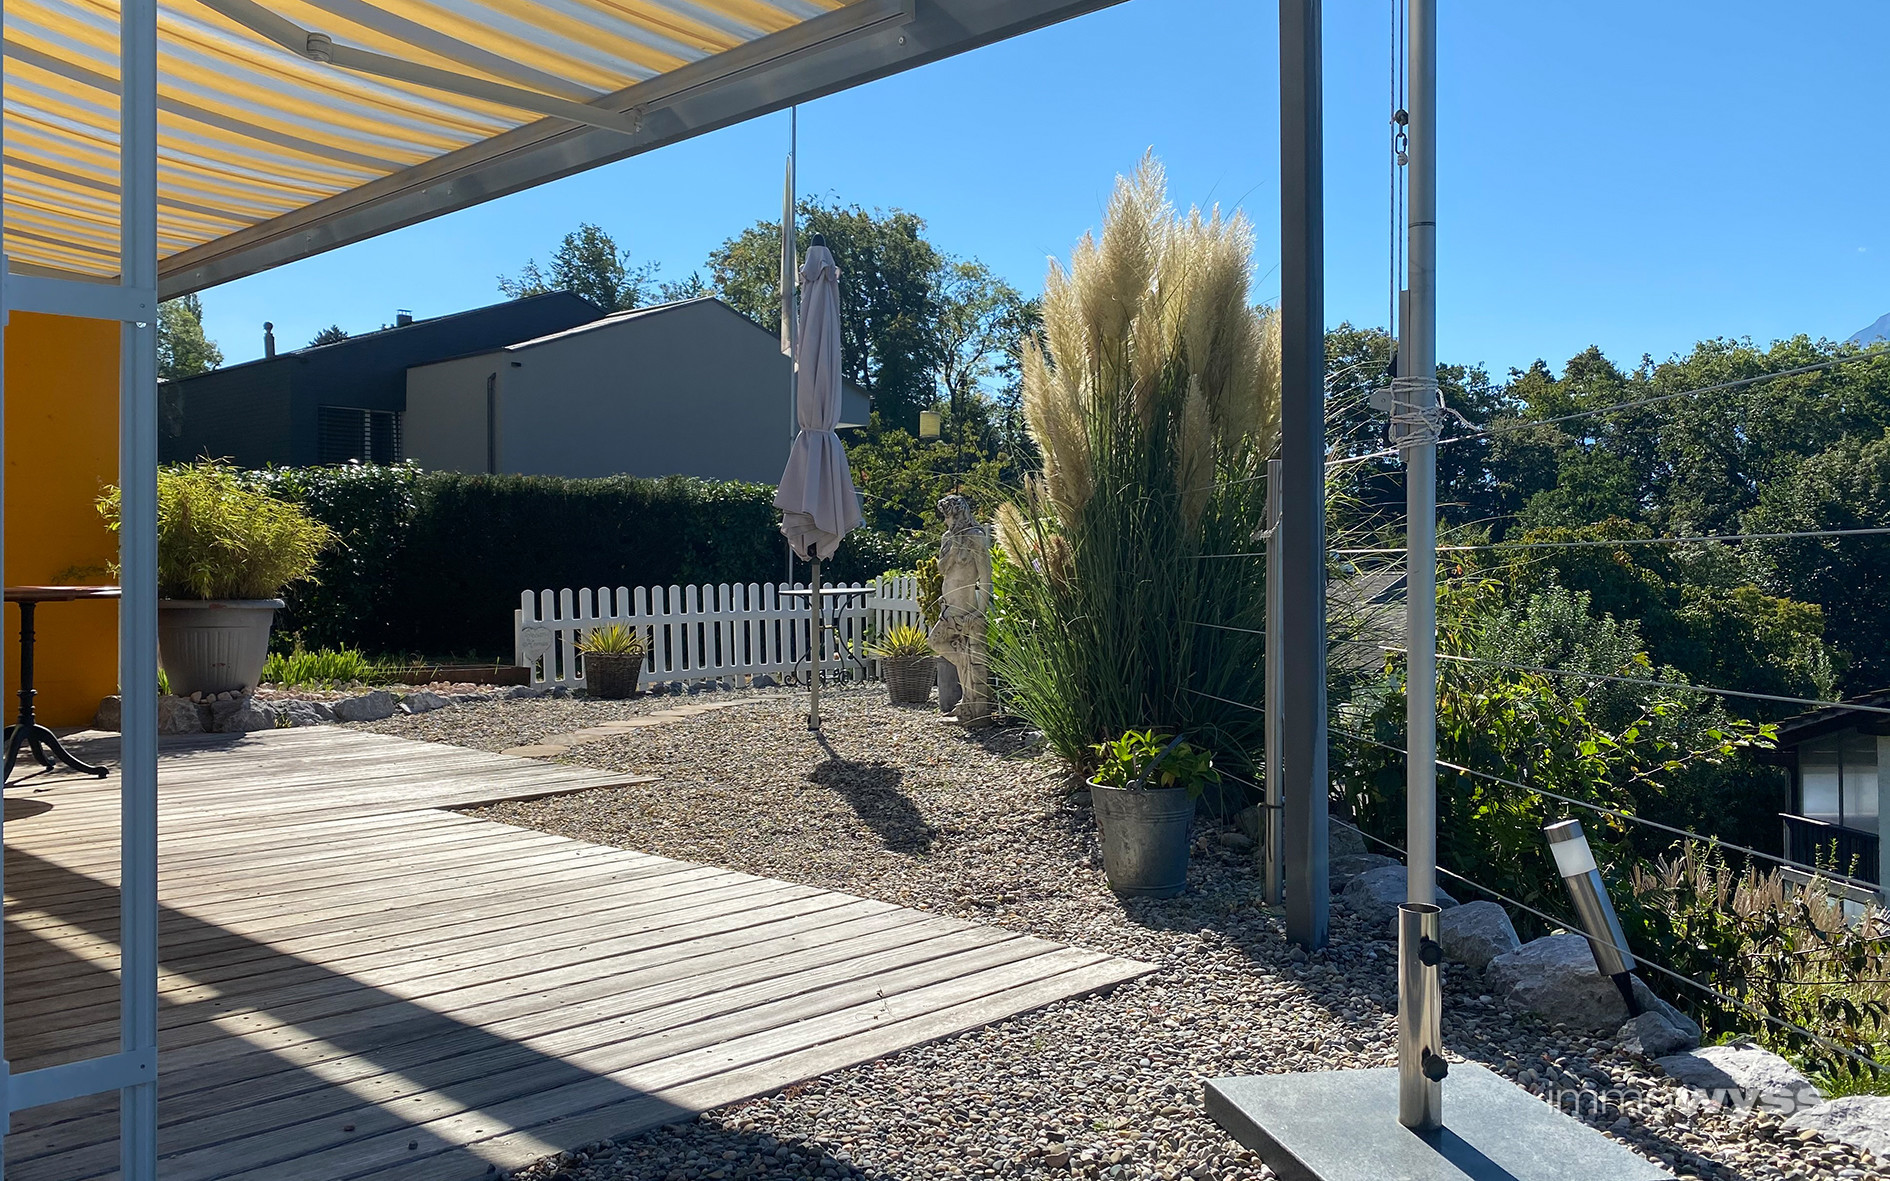 Terrasse mit gepflegtem Gartenbereich